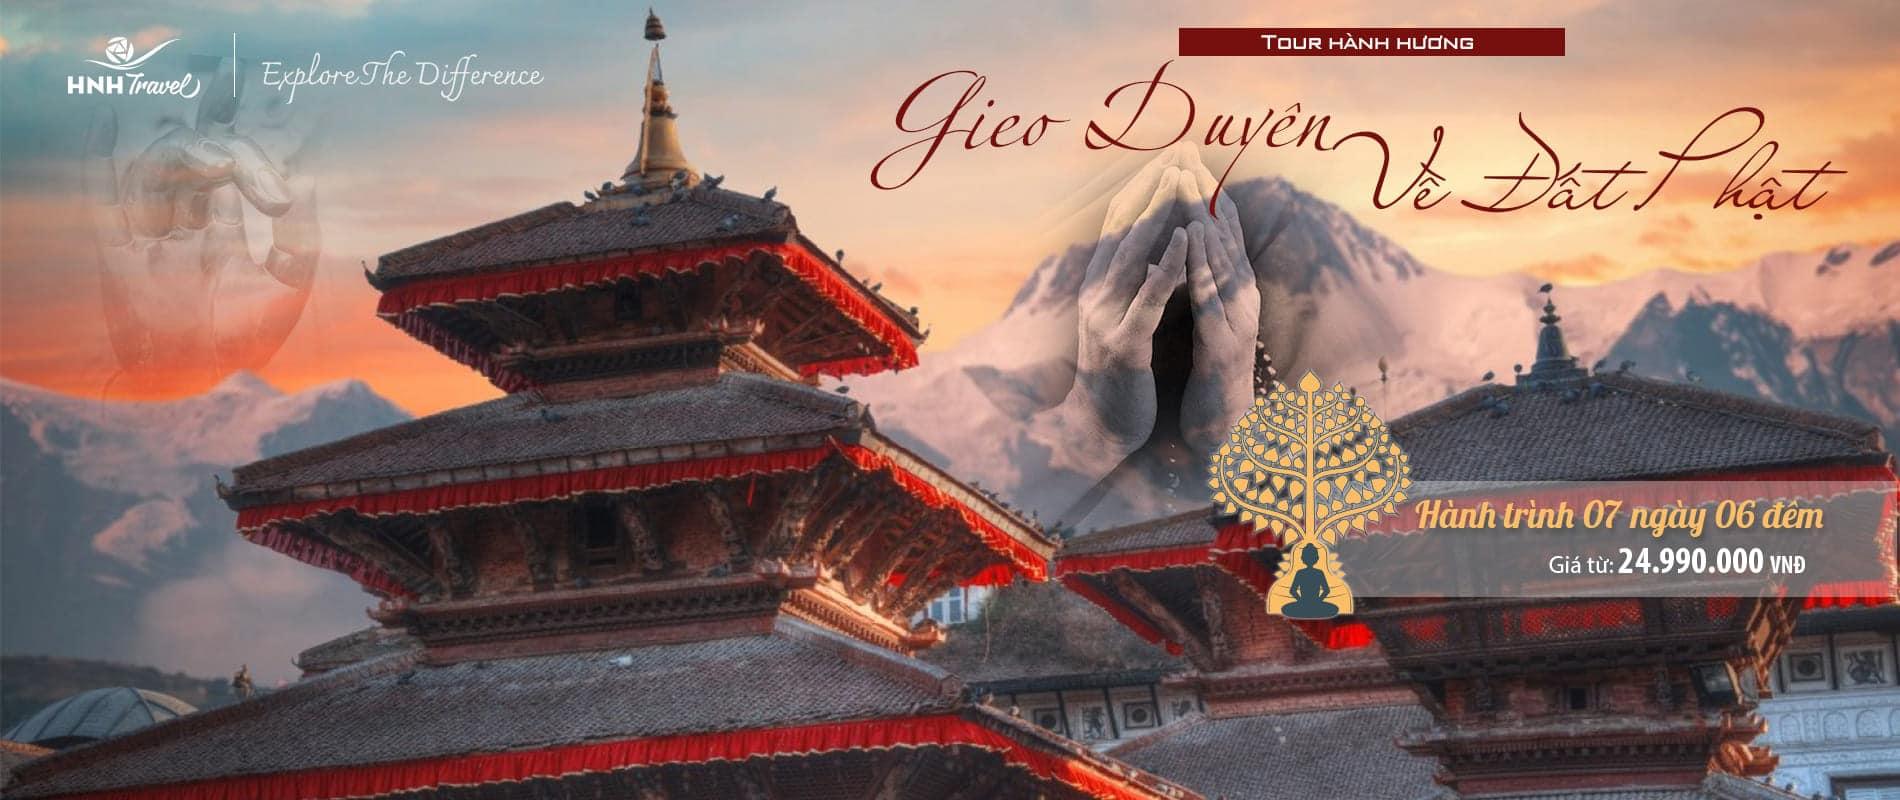 Tour Hành Hương - Giao Duyên Về Đất Phật